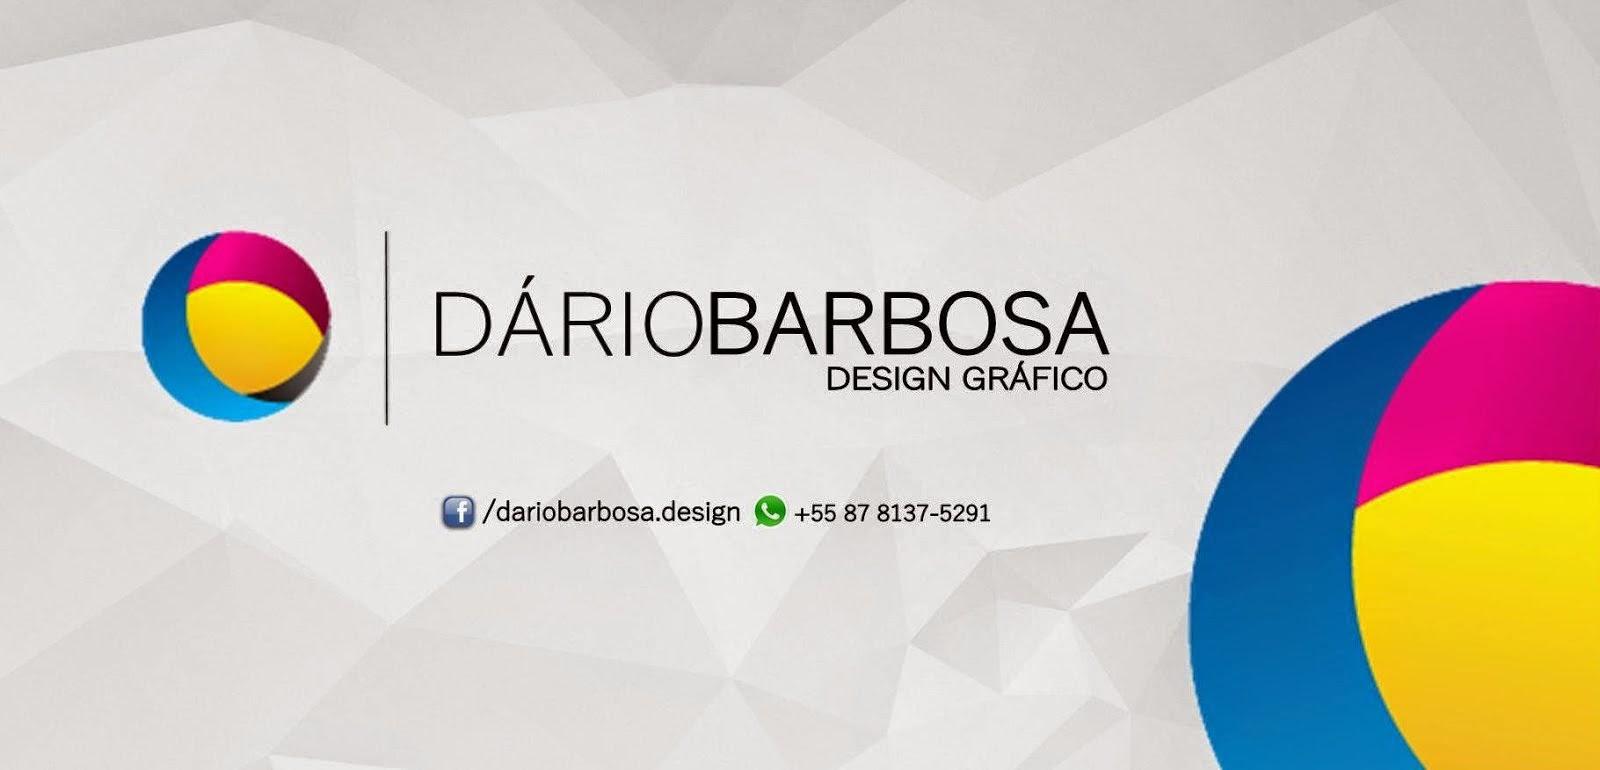 ART E DESIGN